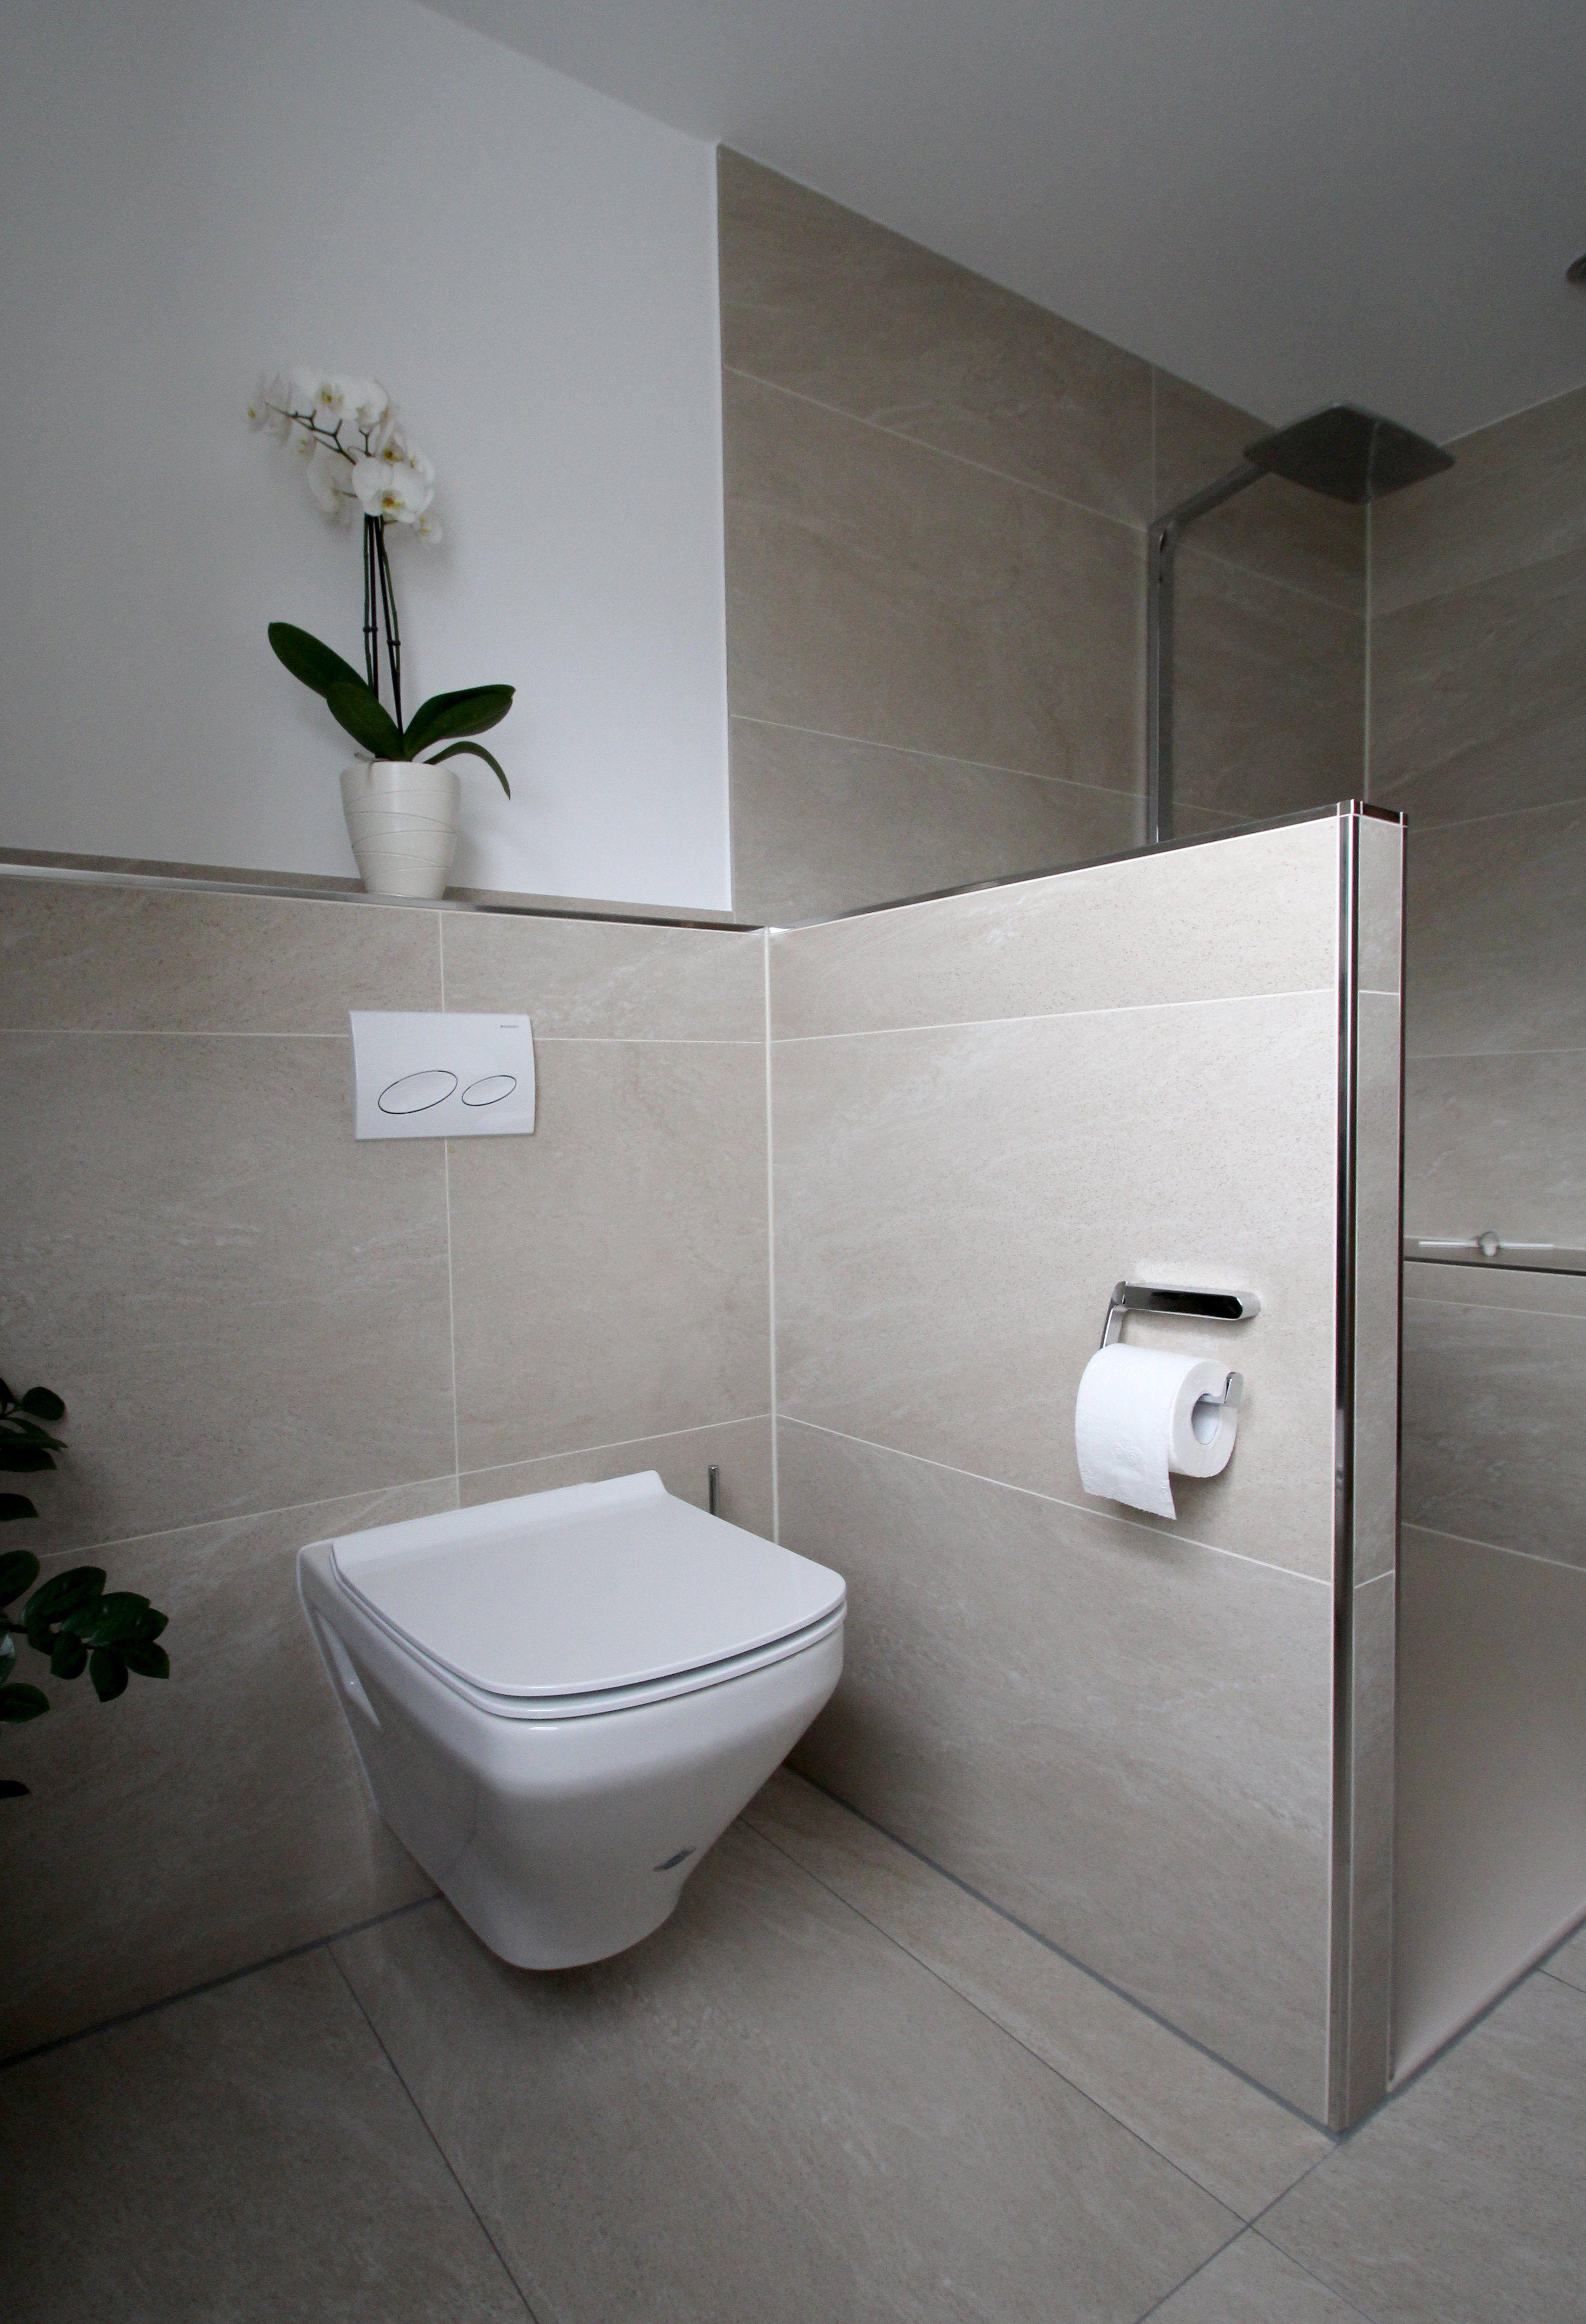 Seniorengerechtes Bad In Naturtonen Kleine Badezimmer Badezimmer Badezimmer Dusche Fliesen